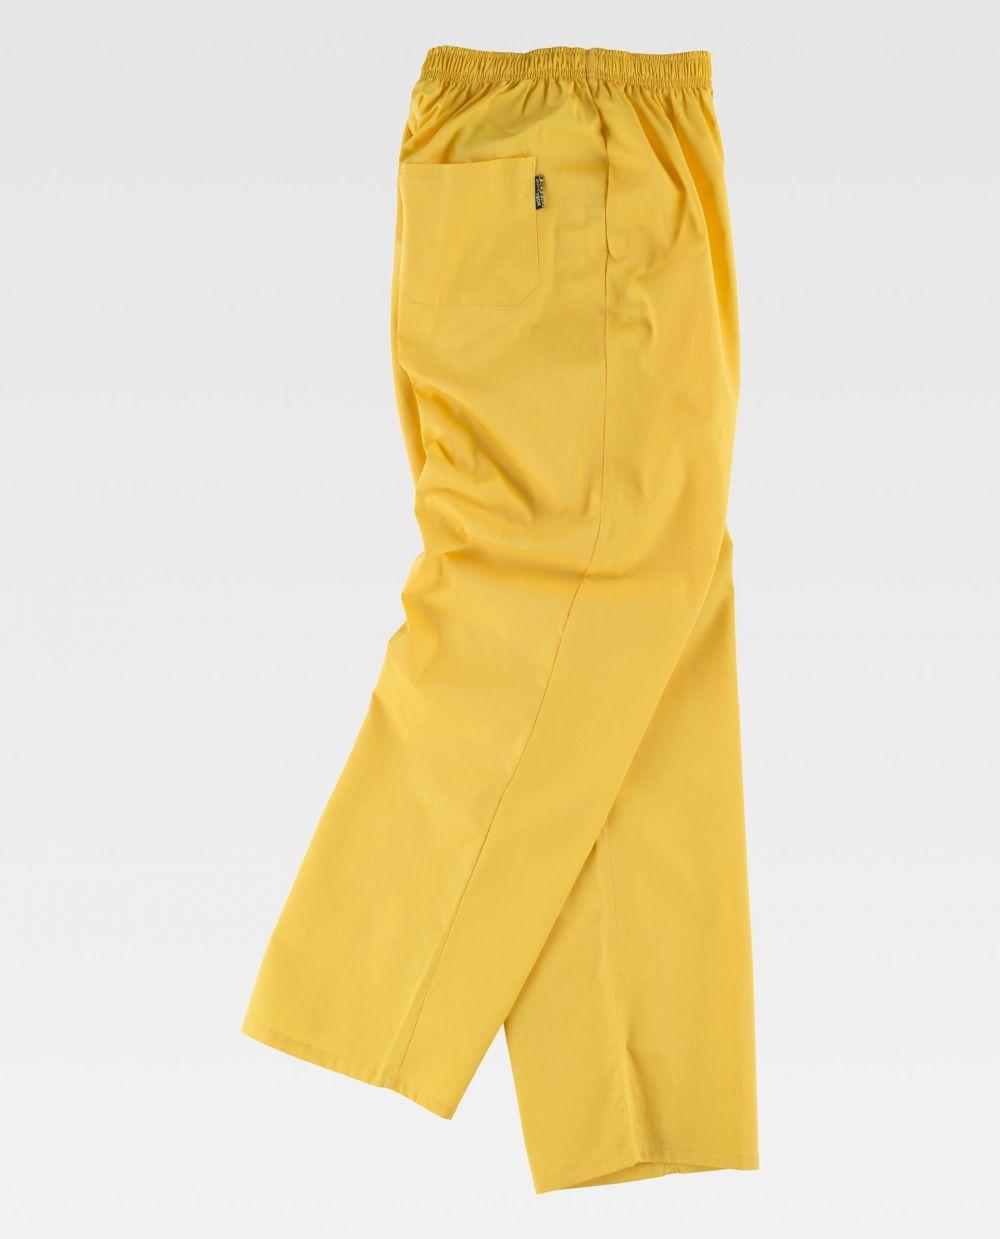 Pantalones de trabajo workteam b9300 de poliéster vista 2